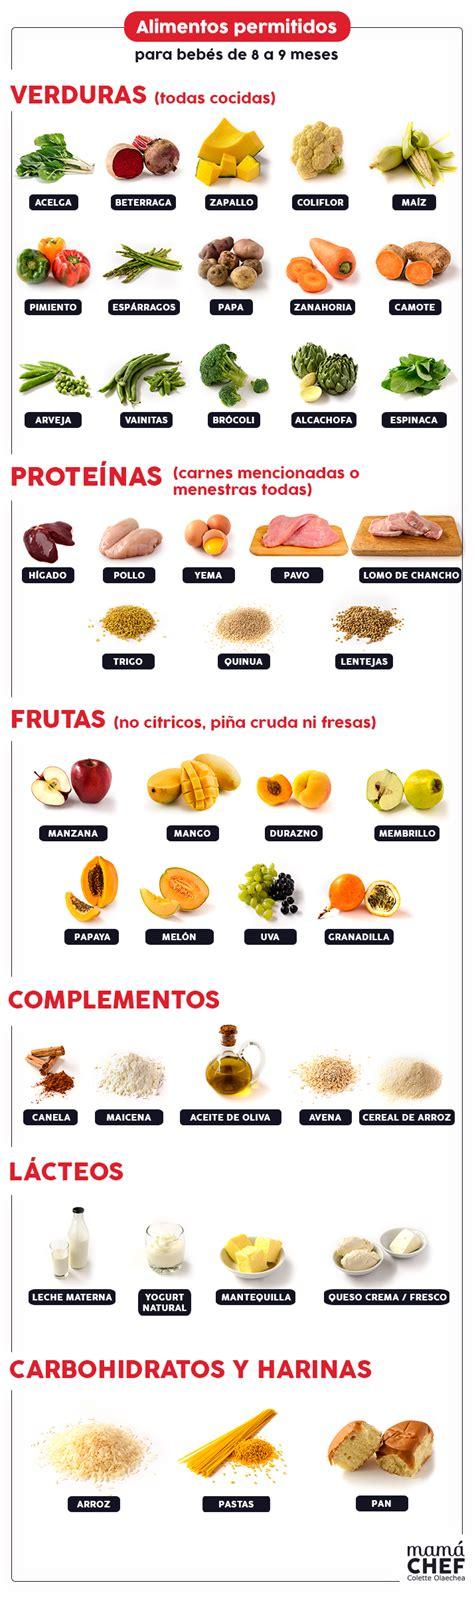 alimentos bebes 6 meses recetas para beb 233 s de 8 a 9 meses la progresi 243 n de las